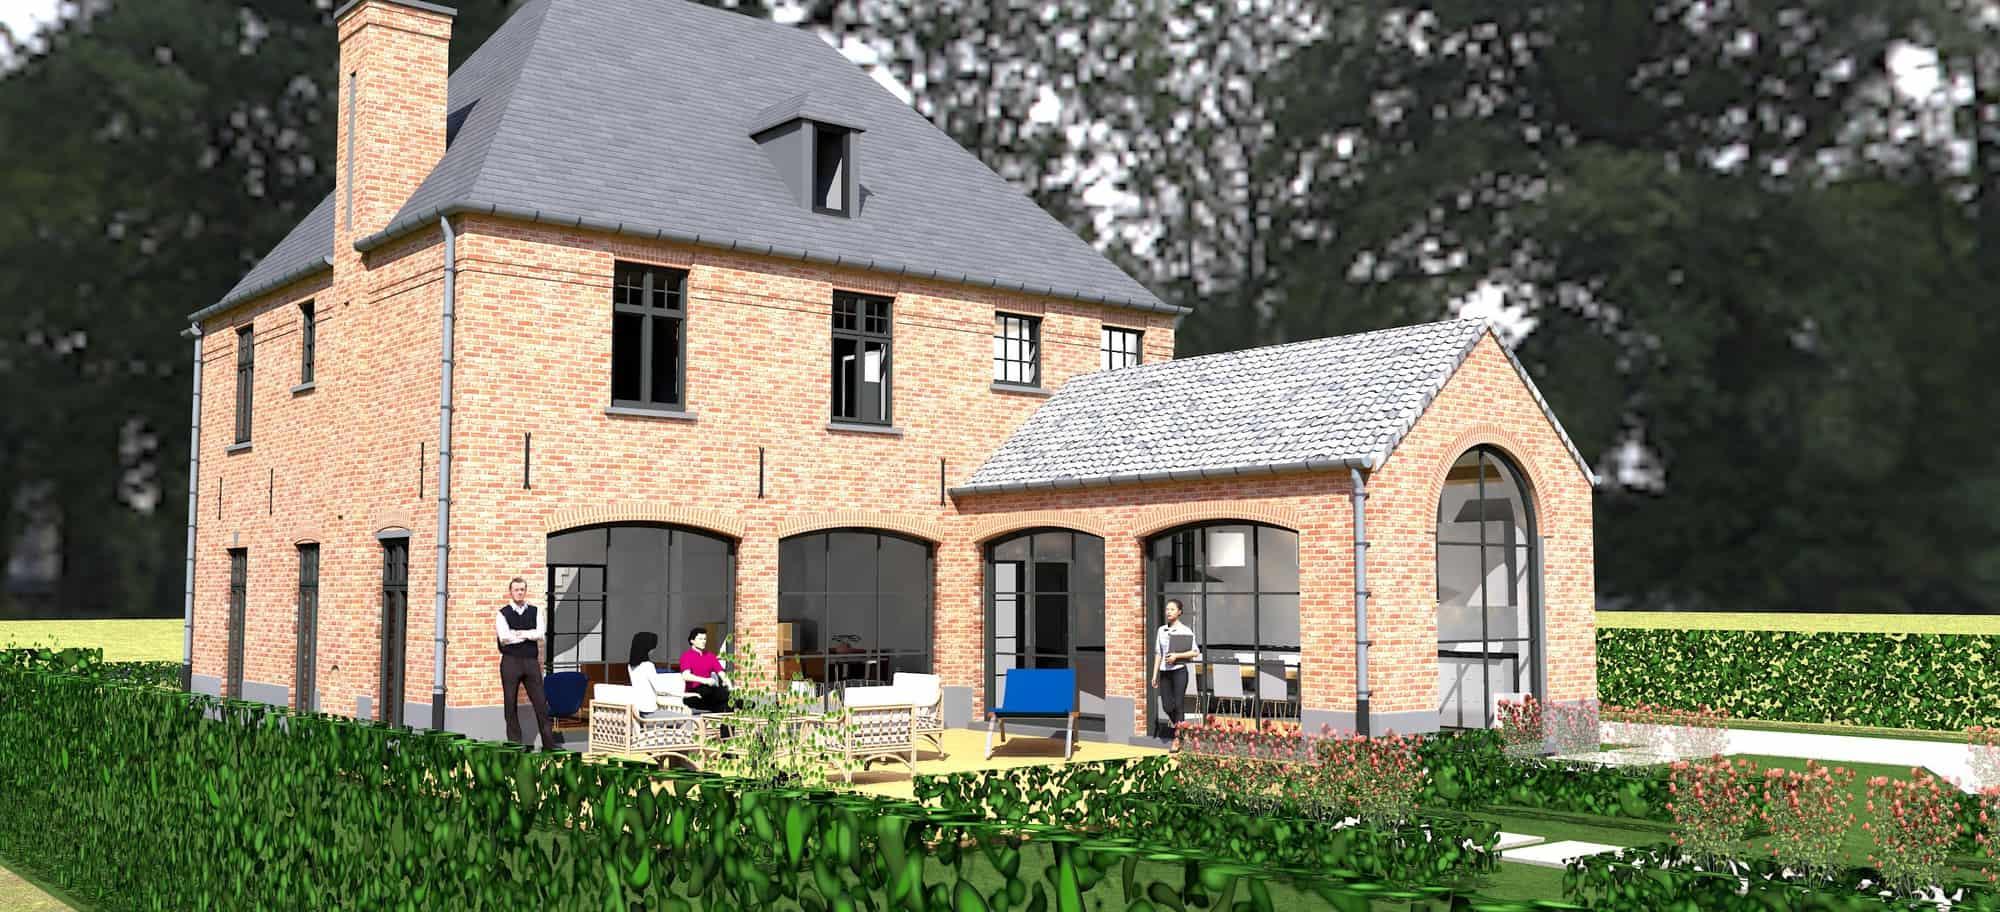 Detail afbeelding 6 van K & S   –   Landhuis met garage   –  Genk | Ontwerp door architect Patrick Strackx